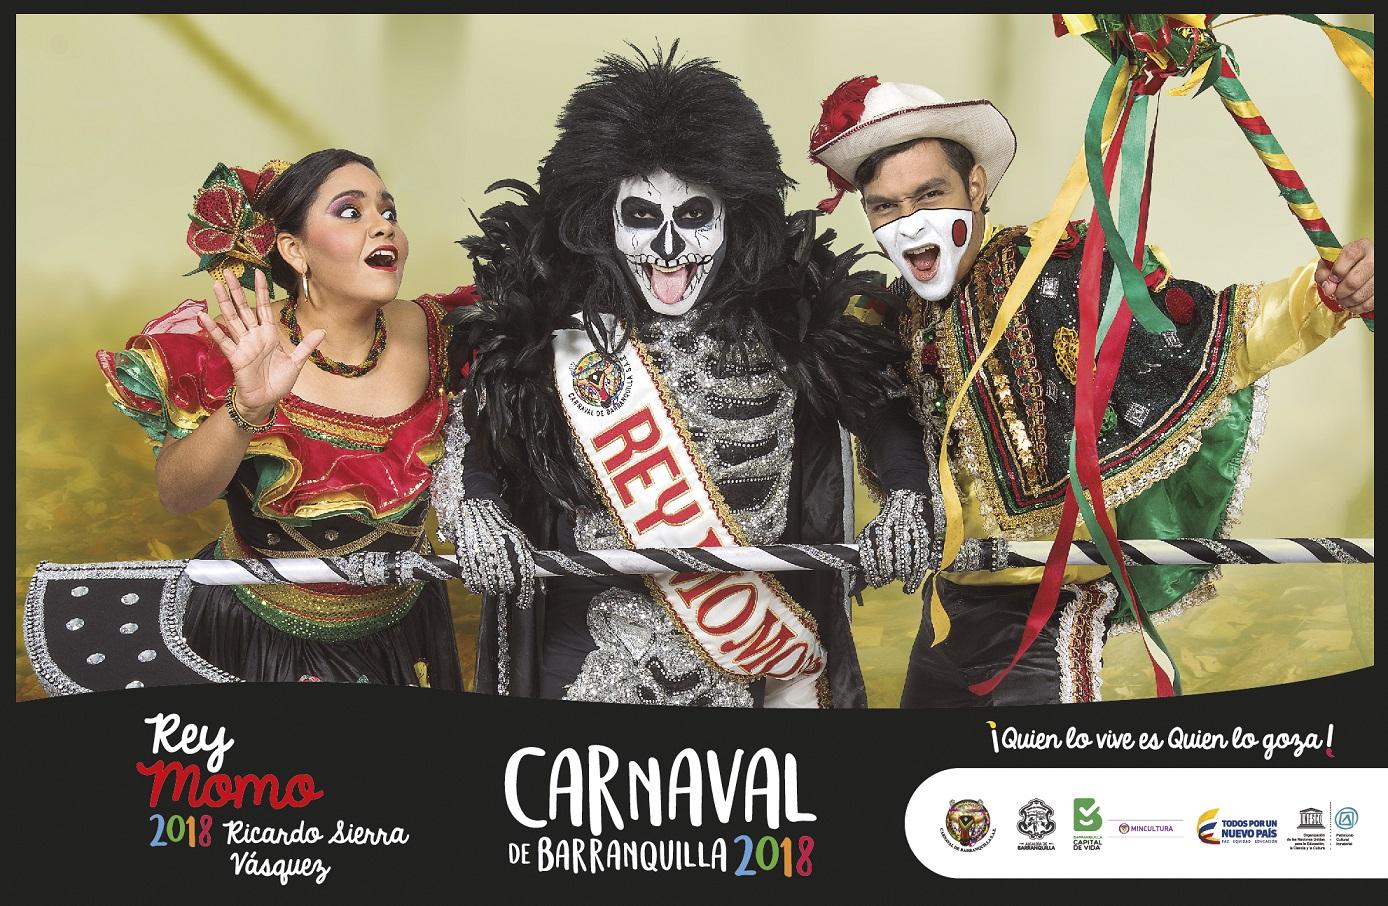 Afiches de los Reyes del Carnaval de Barranquilla 2018, un homenaje a las tradiciones